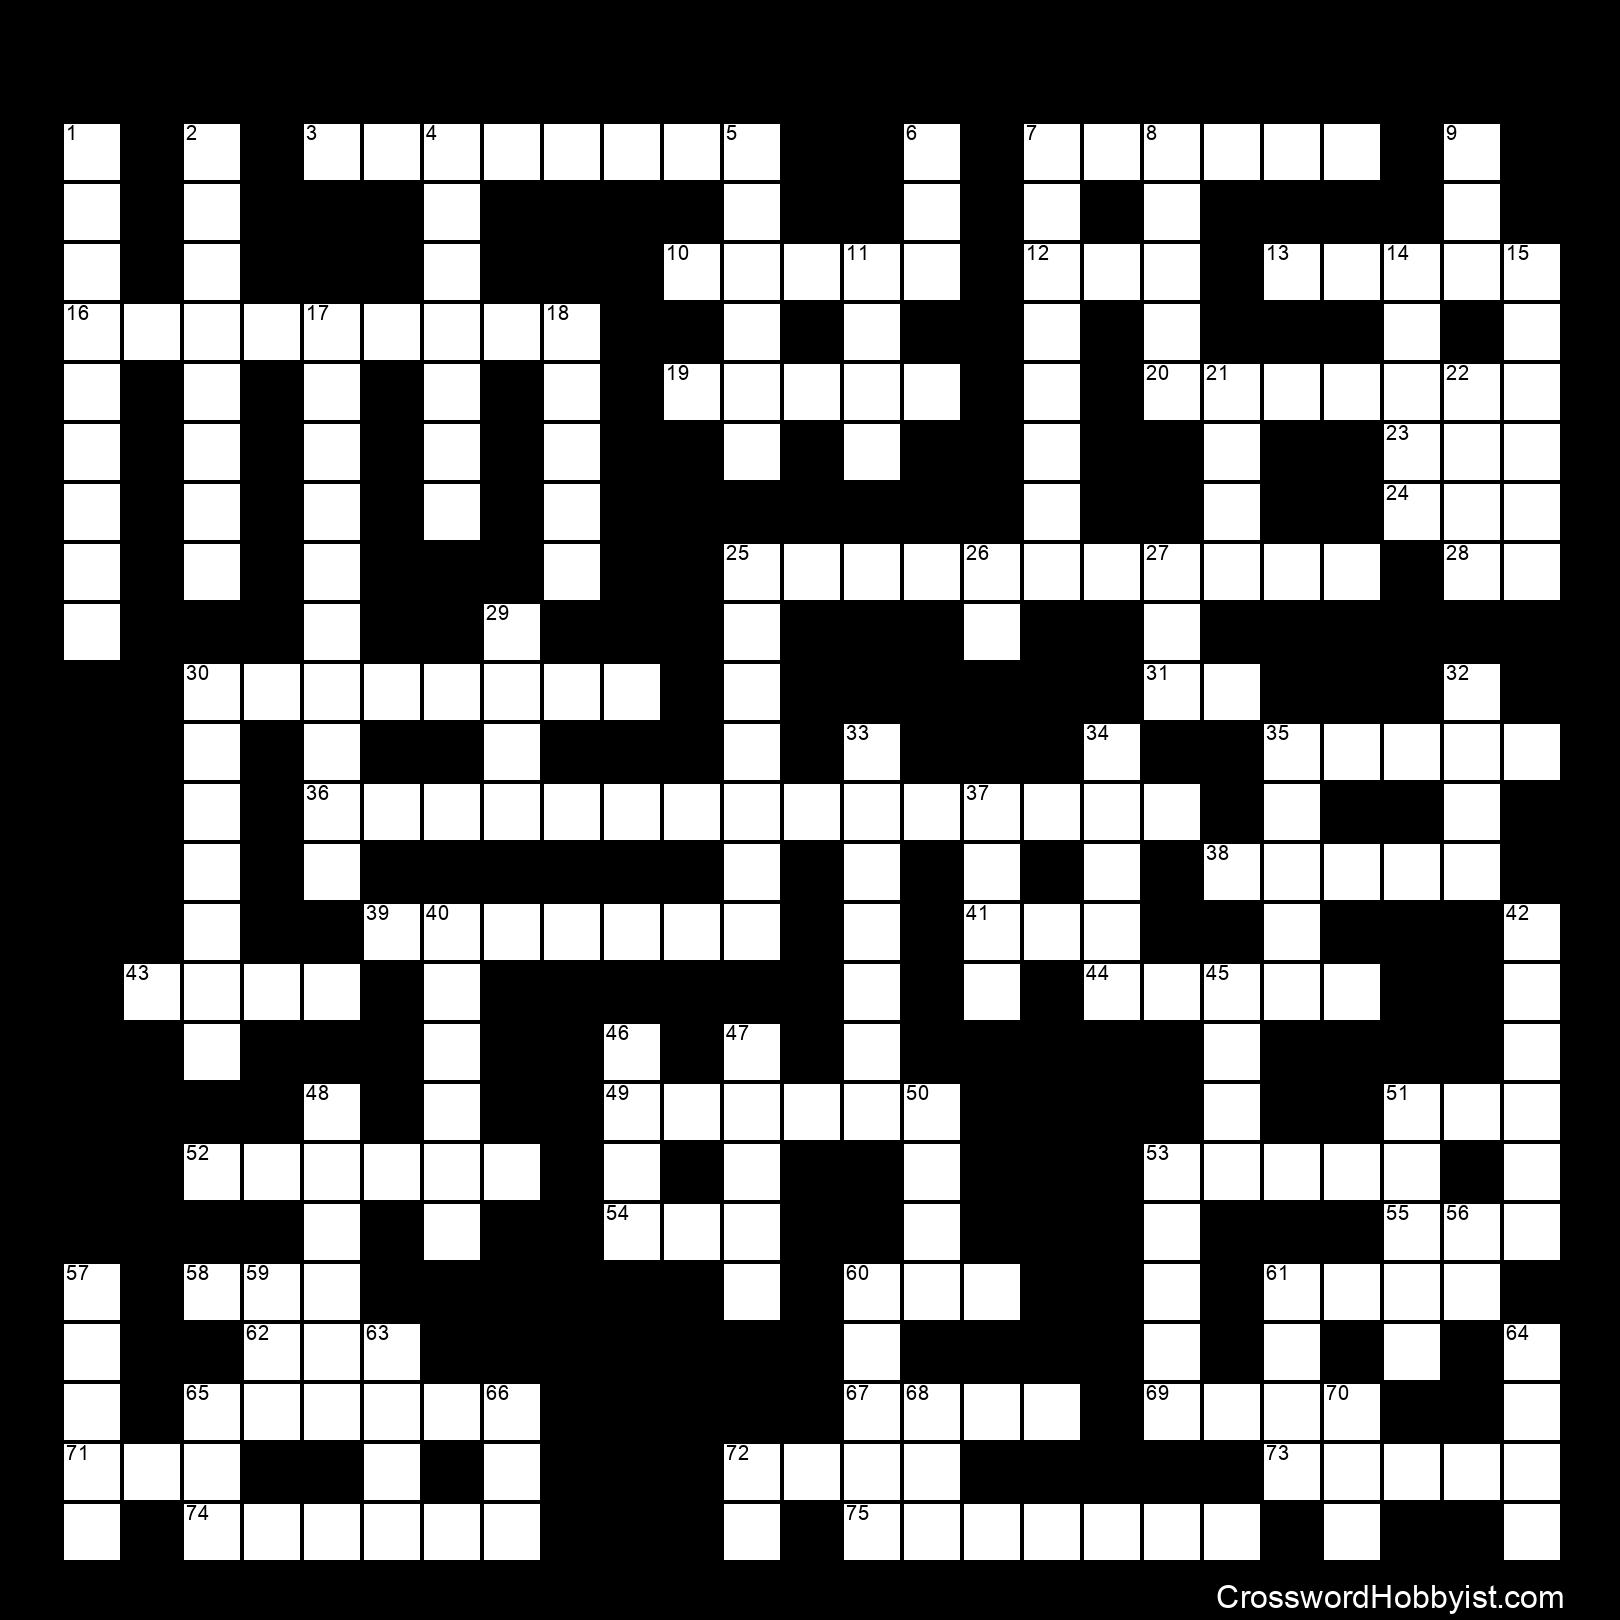 The 1950s Crossword Puzzle